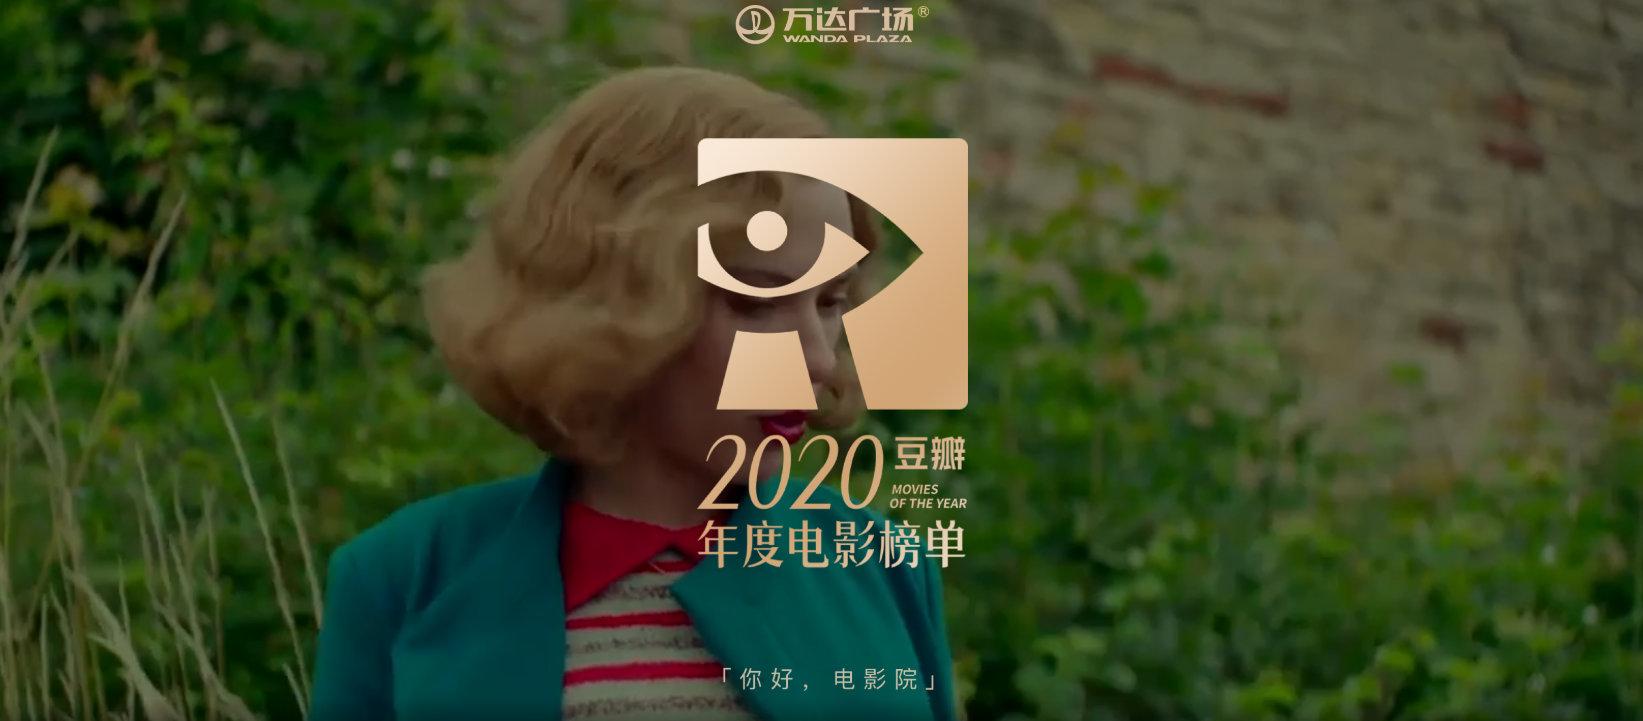 2020年豆瓣年度电影榜单出炉 第1张 2020年豆瓣年度电影榜单出炉 影音地带